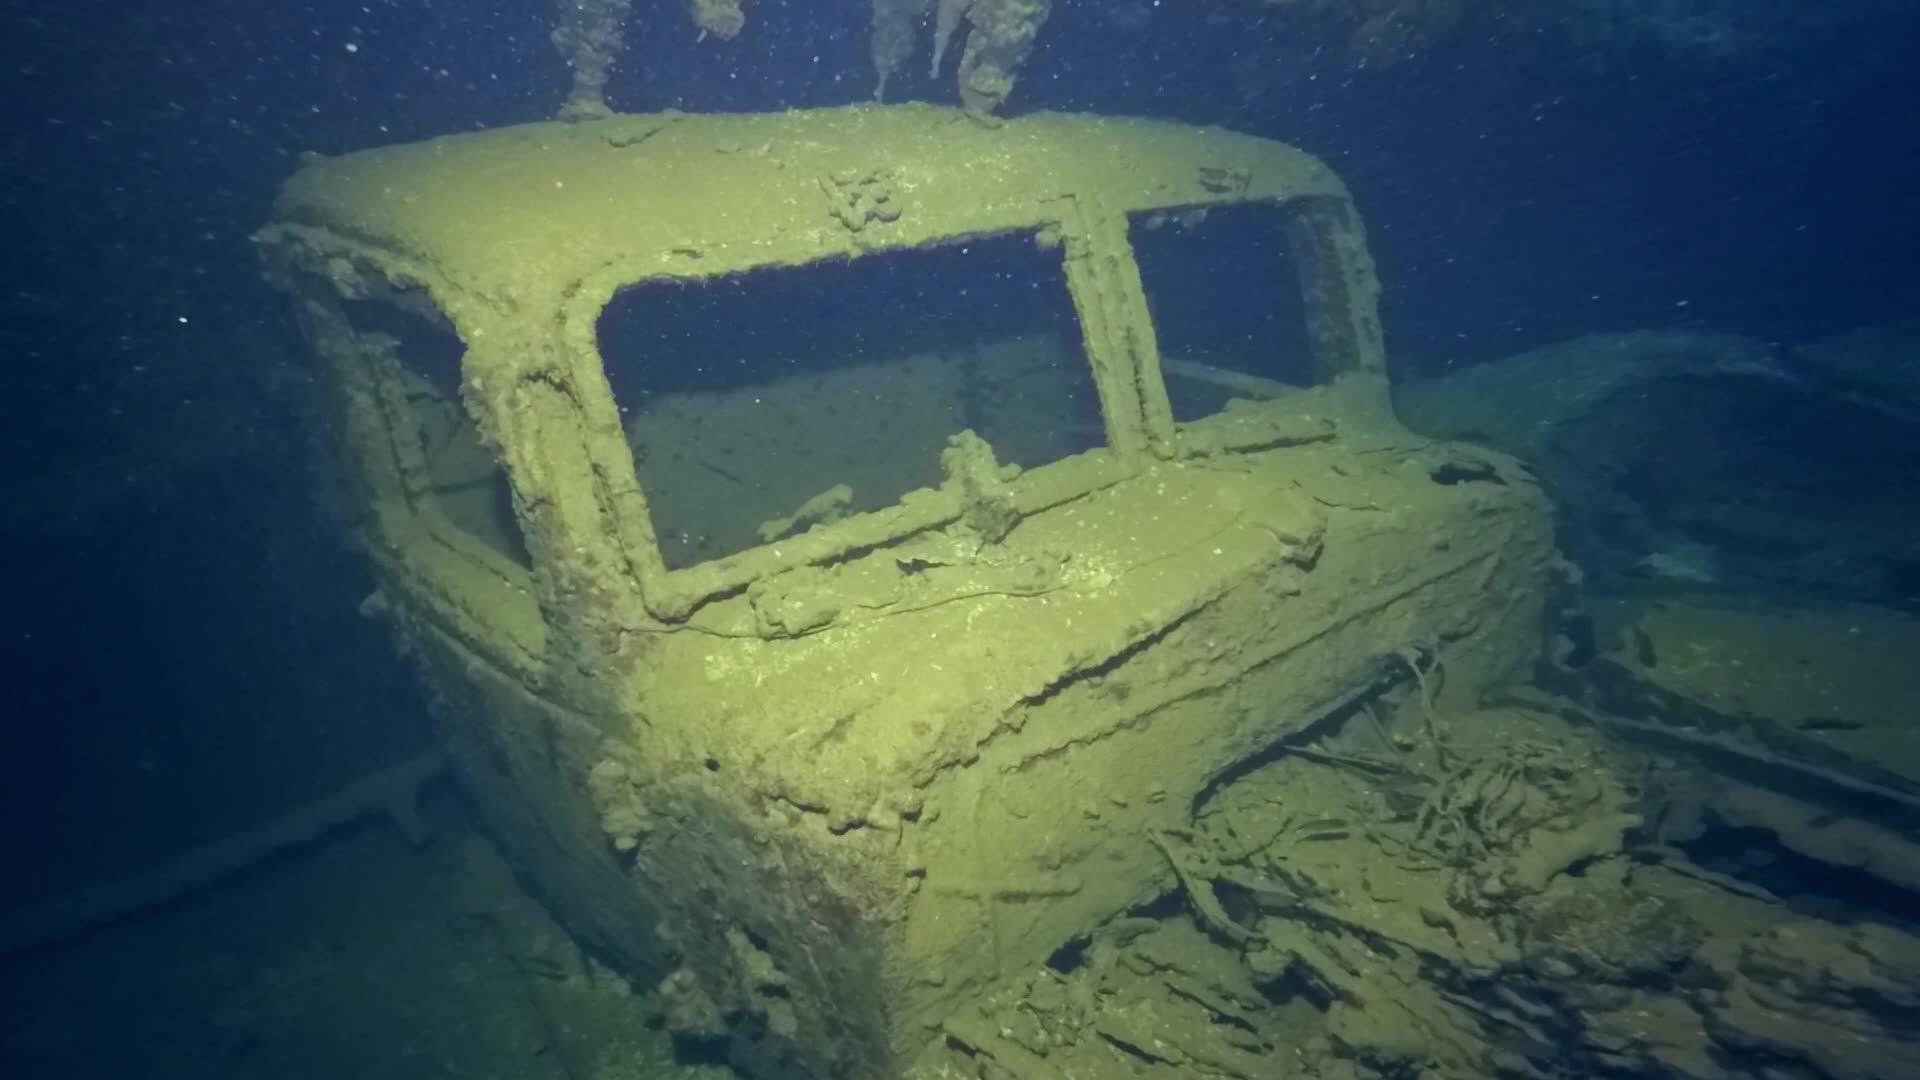 結果,50多艘二戰的戰艦和無數的日軍都沉到了湖底,當年沉沒在湖底的驅逐艦和飛機都已埋葬在珊瑚礁裡。